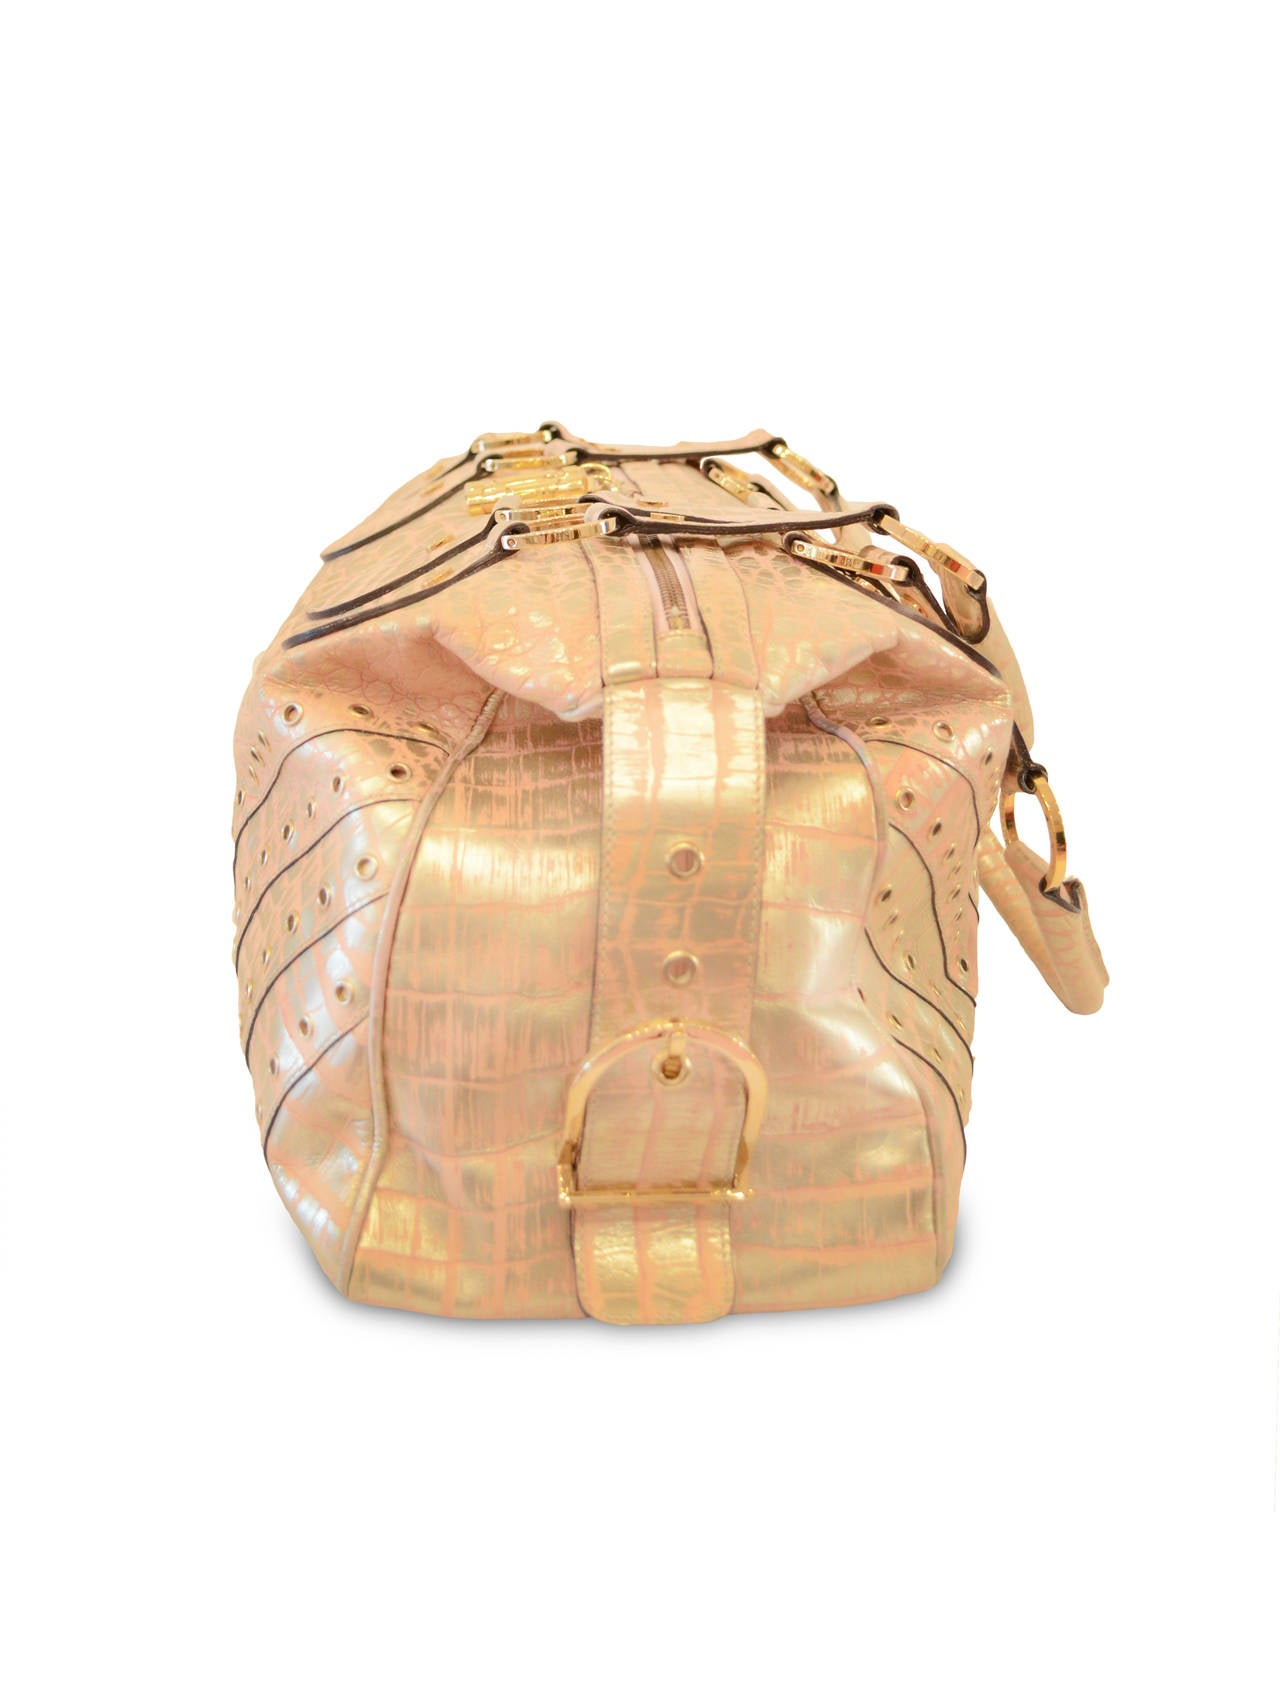 Versace Bag 2